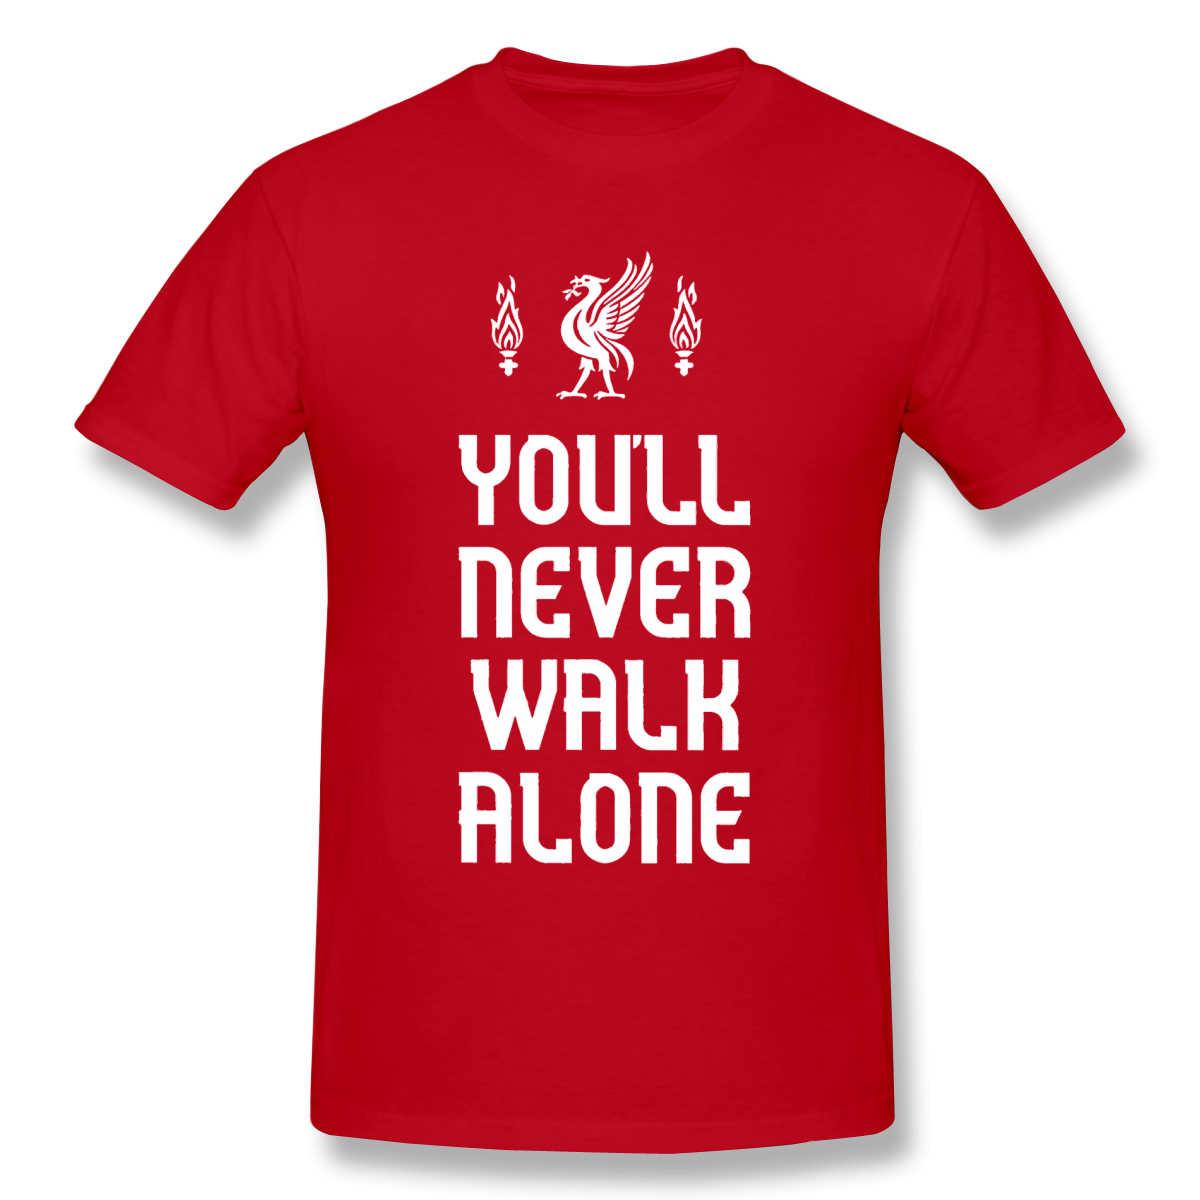 Camisetas para hombres, pájaros, nunca caminan solos, camiseta de alta calidad, camisetas para el Día del Padre, ropa de algodón 100%, camisetas de algodón puro Liverpool